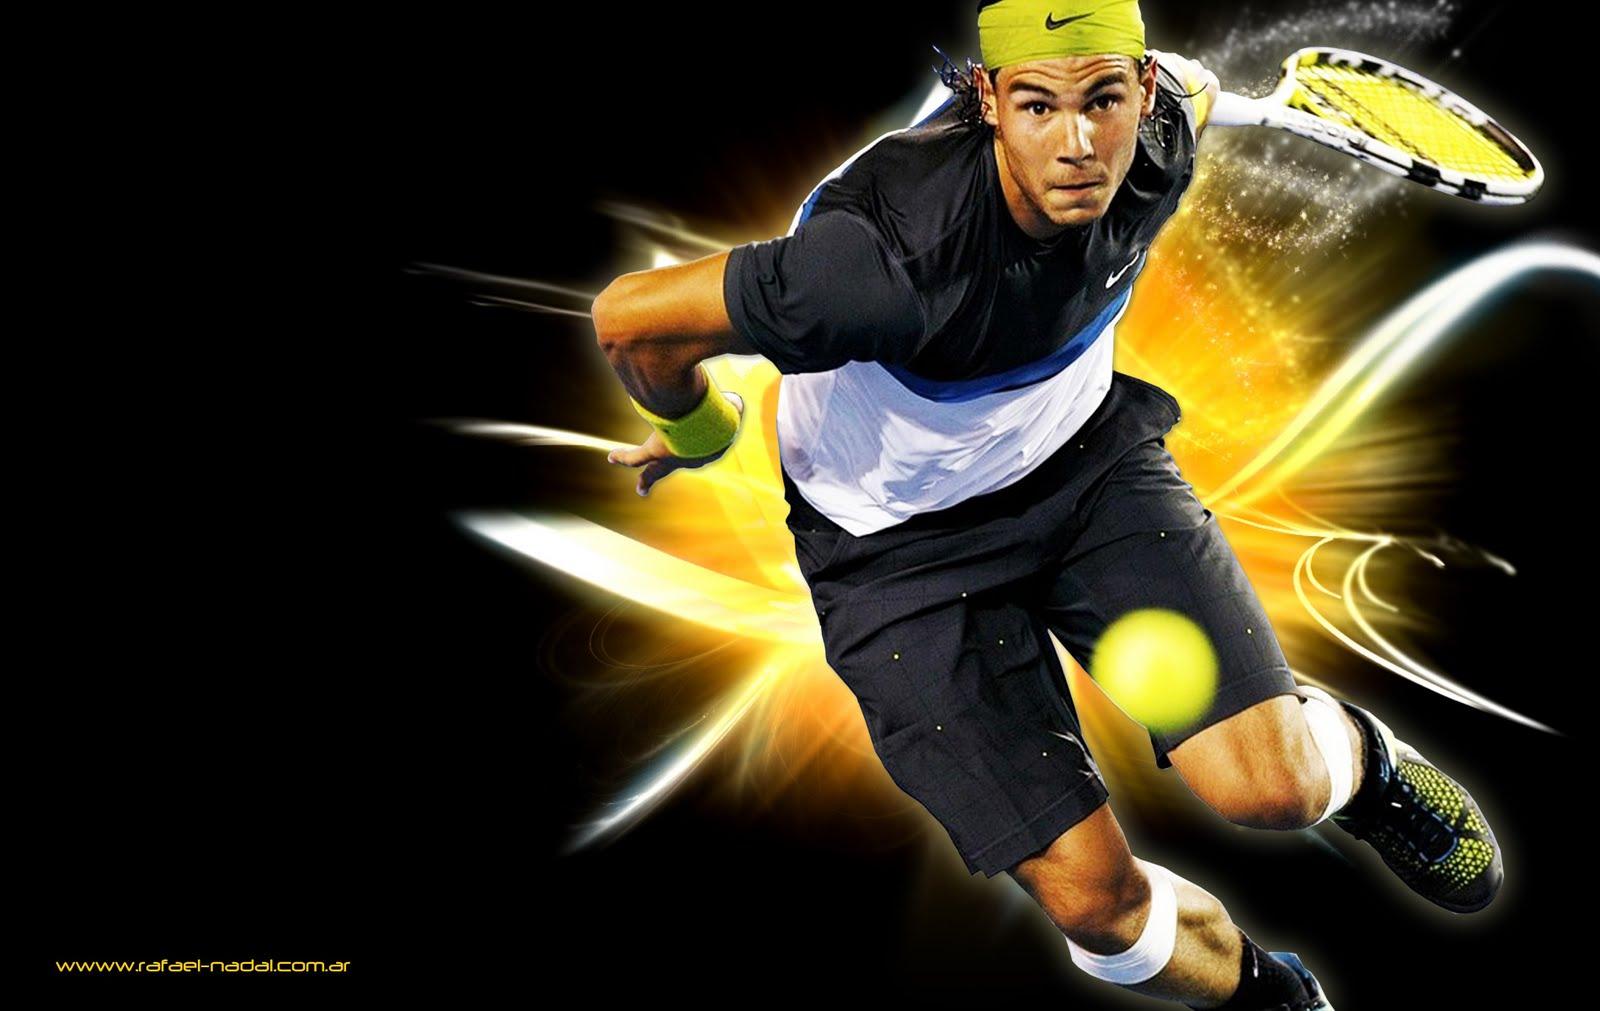 Sport Wallpaper: Rafael Nadal Tennis Wallpapers